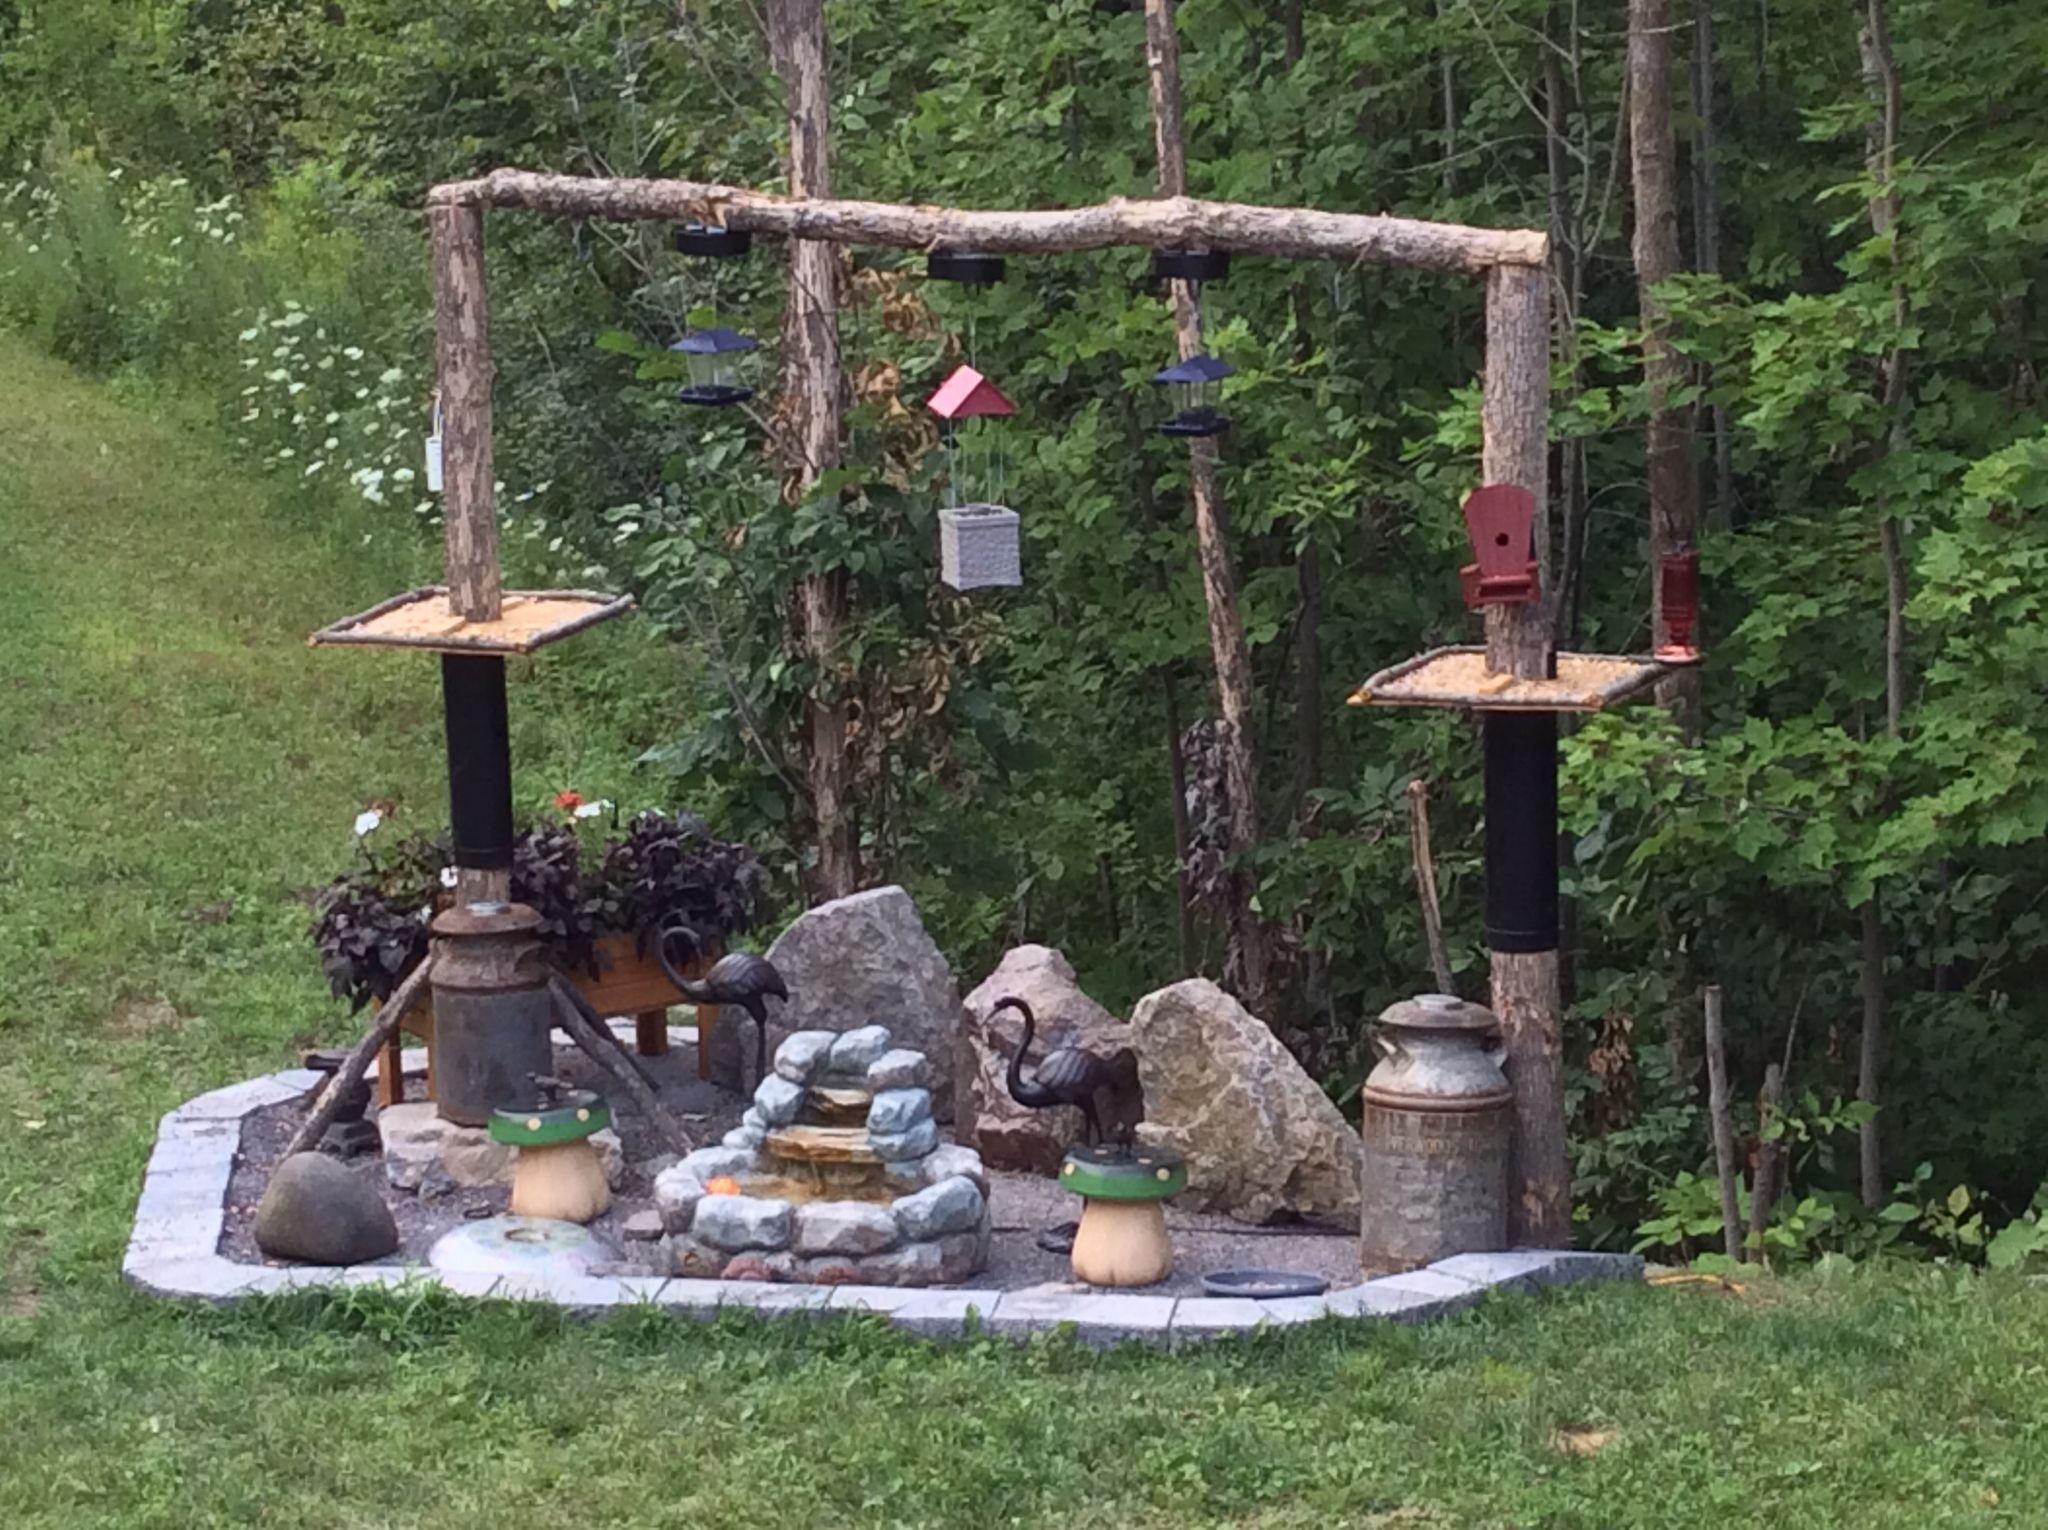 Our Bird Feeding Station Fresh Gardening Ideas Bird Feeding Station Bird Feeders Garden Bird Feeders